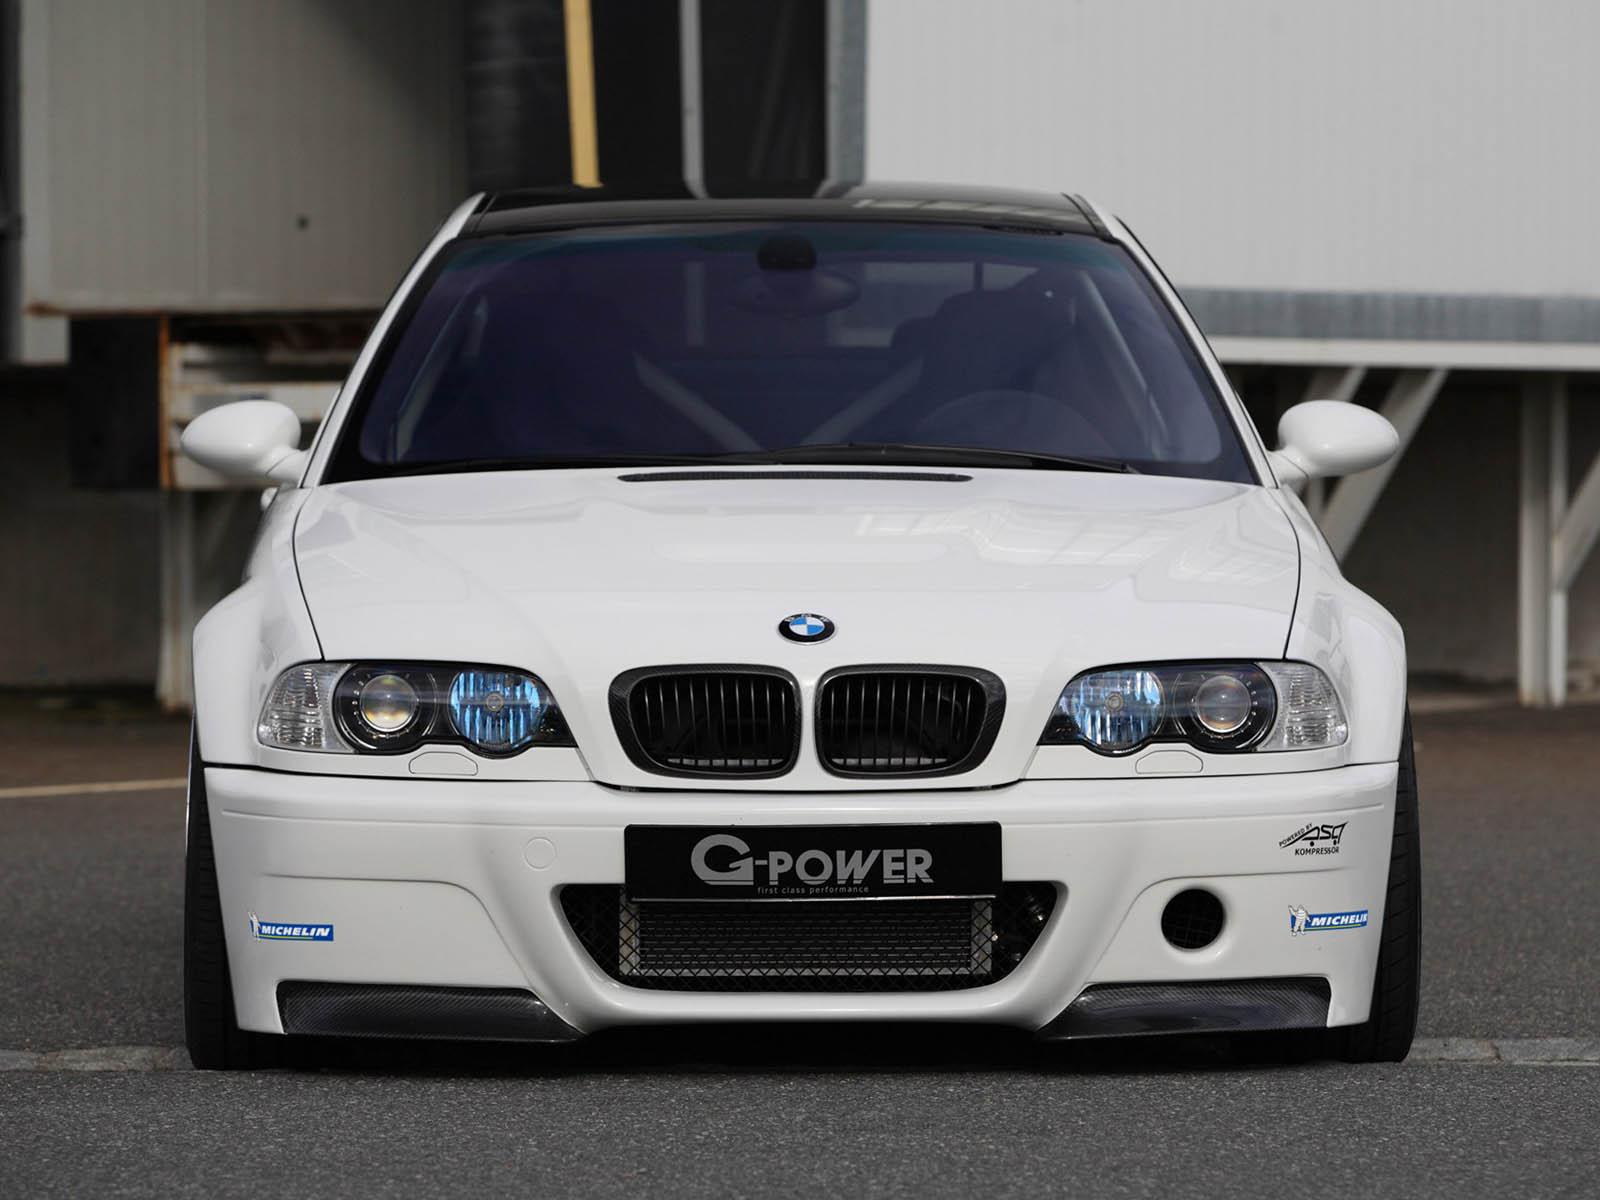 BMW M3 E46 CSL Car Wallpapers 1600x1200